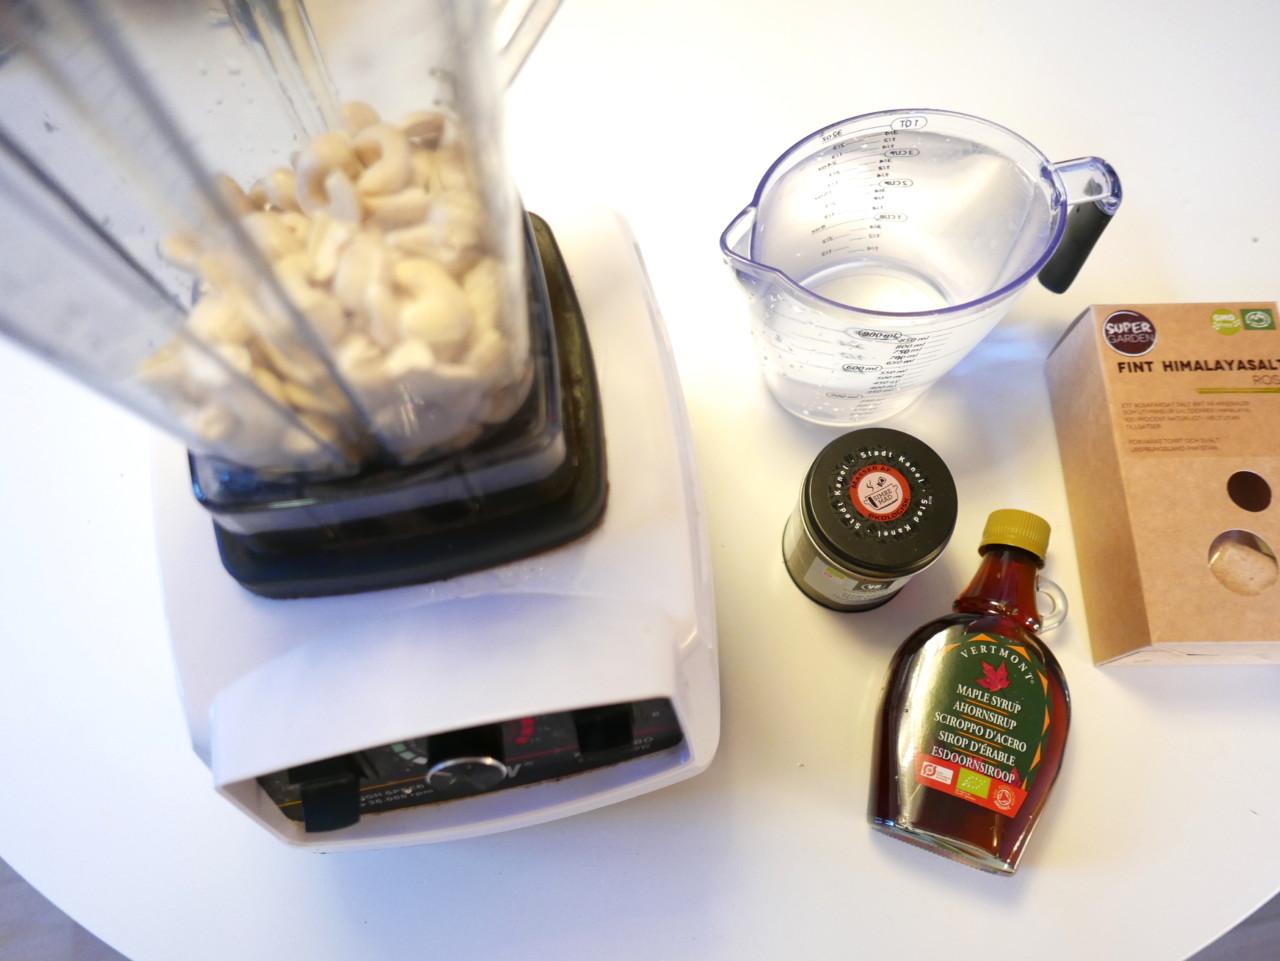 cashewmelk-ingredienser-nottemelk-mylk-lonnesirup-kanel-salt-blender